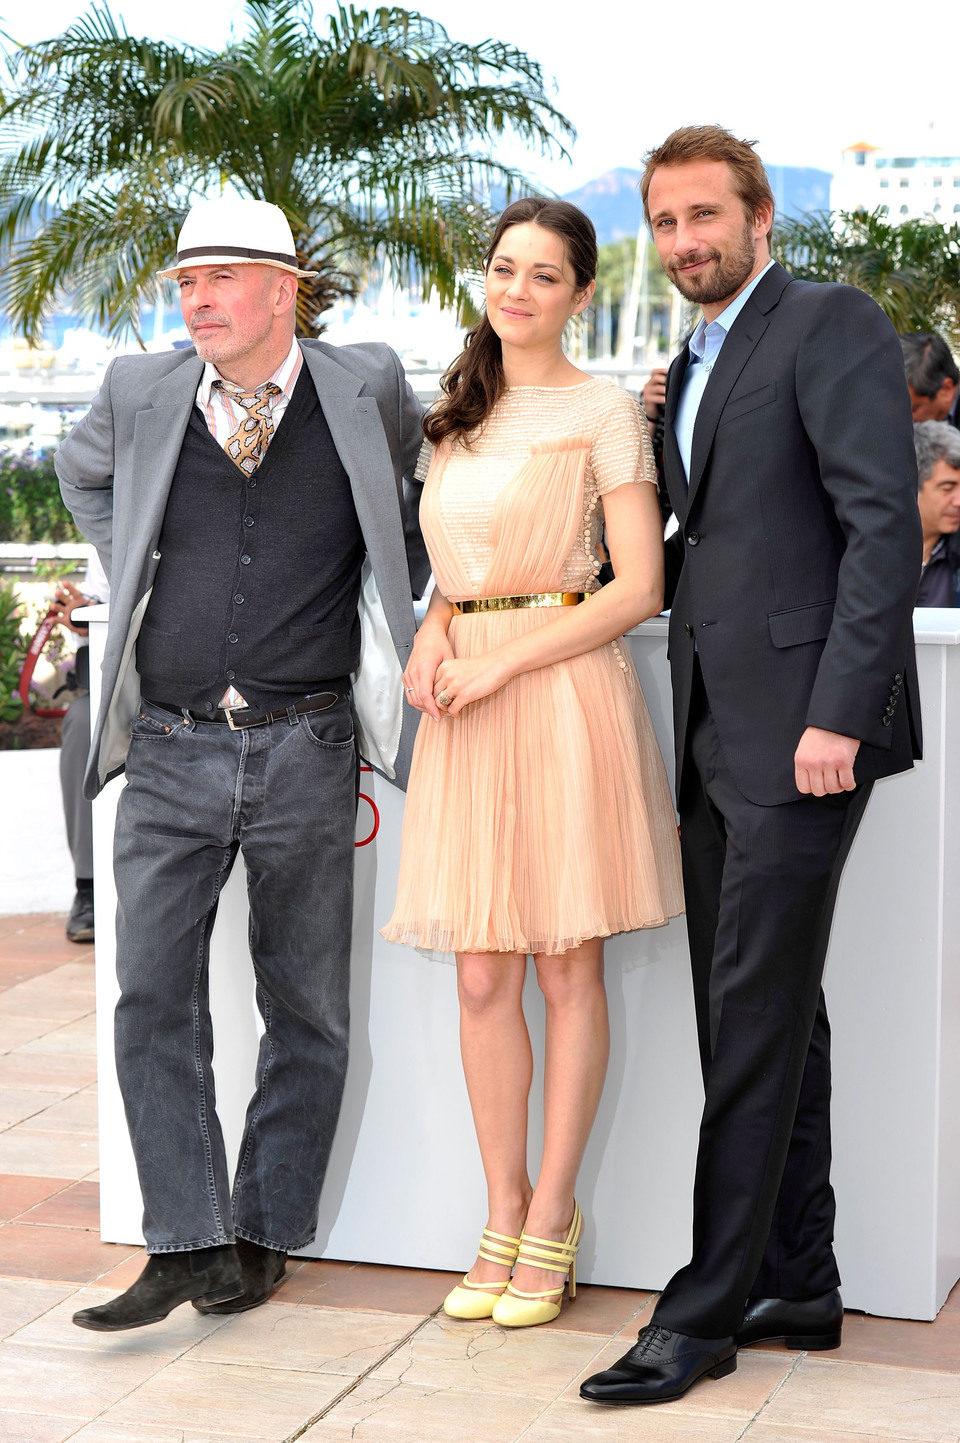 Jacques Audiard, Marion Cotillard y Matthias Schoenaerts en el Festival de Cannes 2012